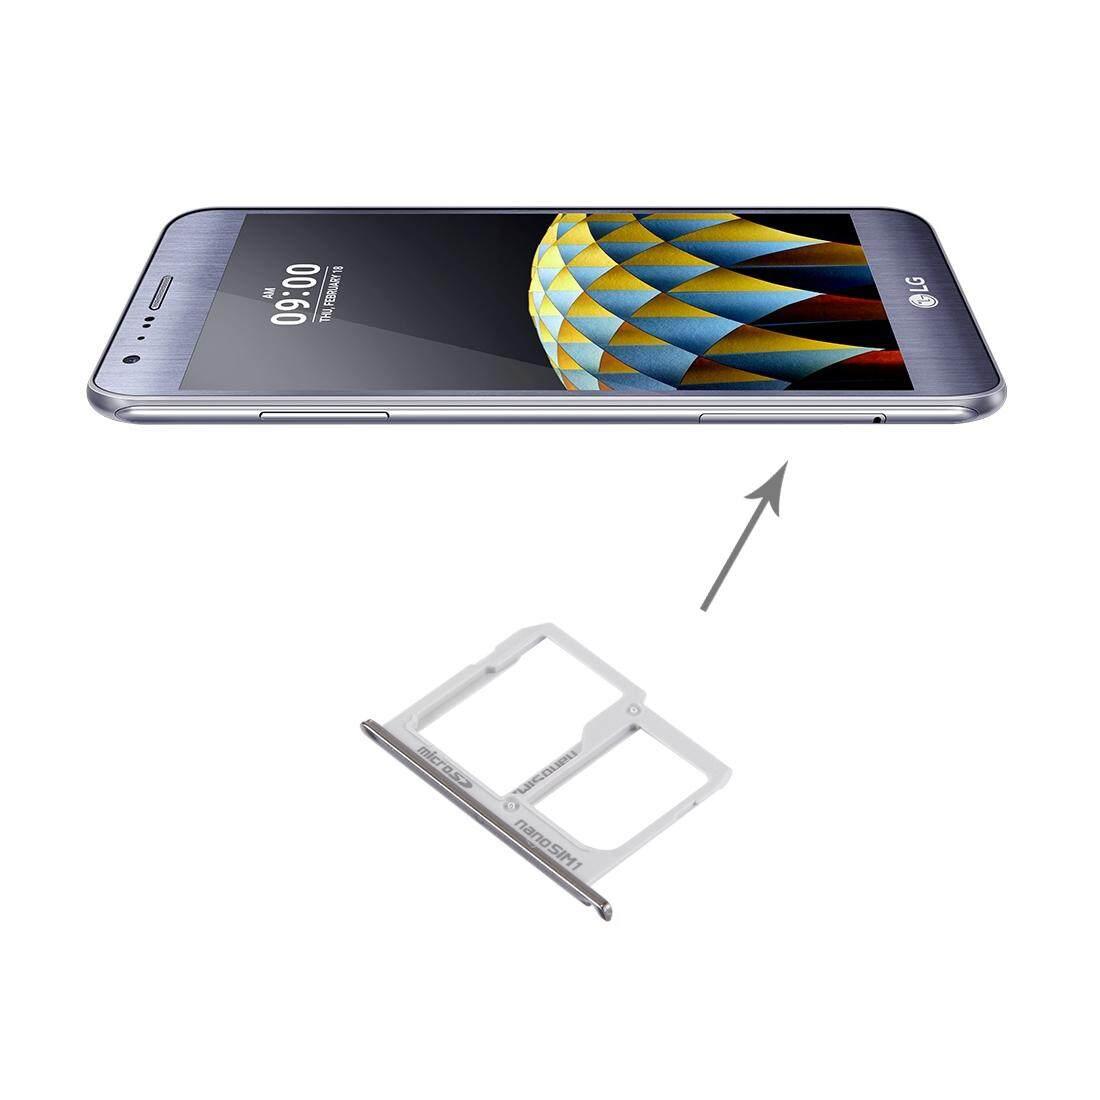 Saya Bagian Beli untuk LG X Kamera/K580 Baki Kartu SIM + Mikro Sd/Baki Kartu SIM (Perak) -Internasional